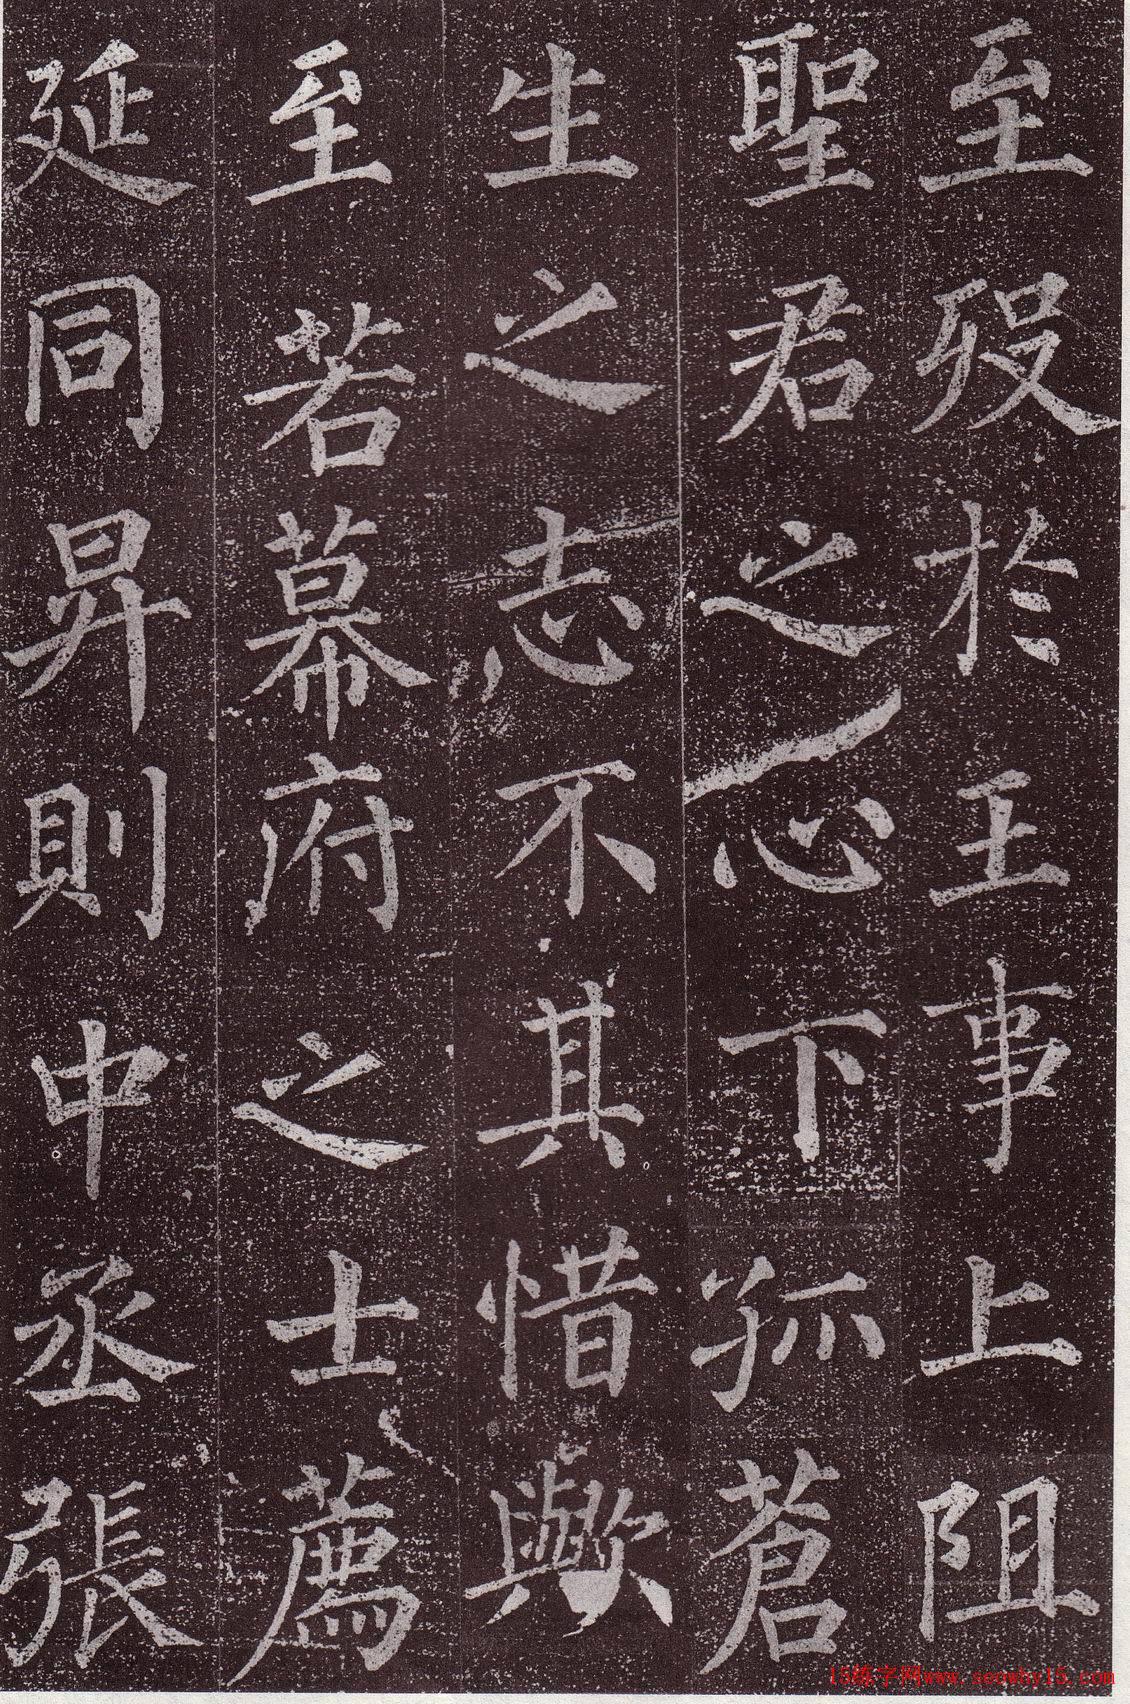 郭虚己墓志字帖(4)